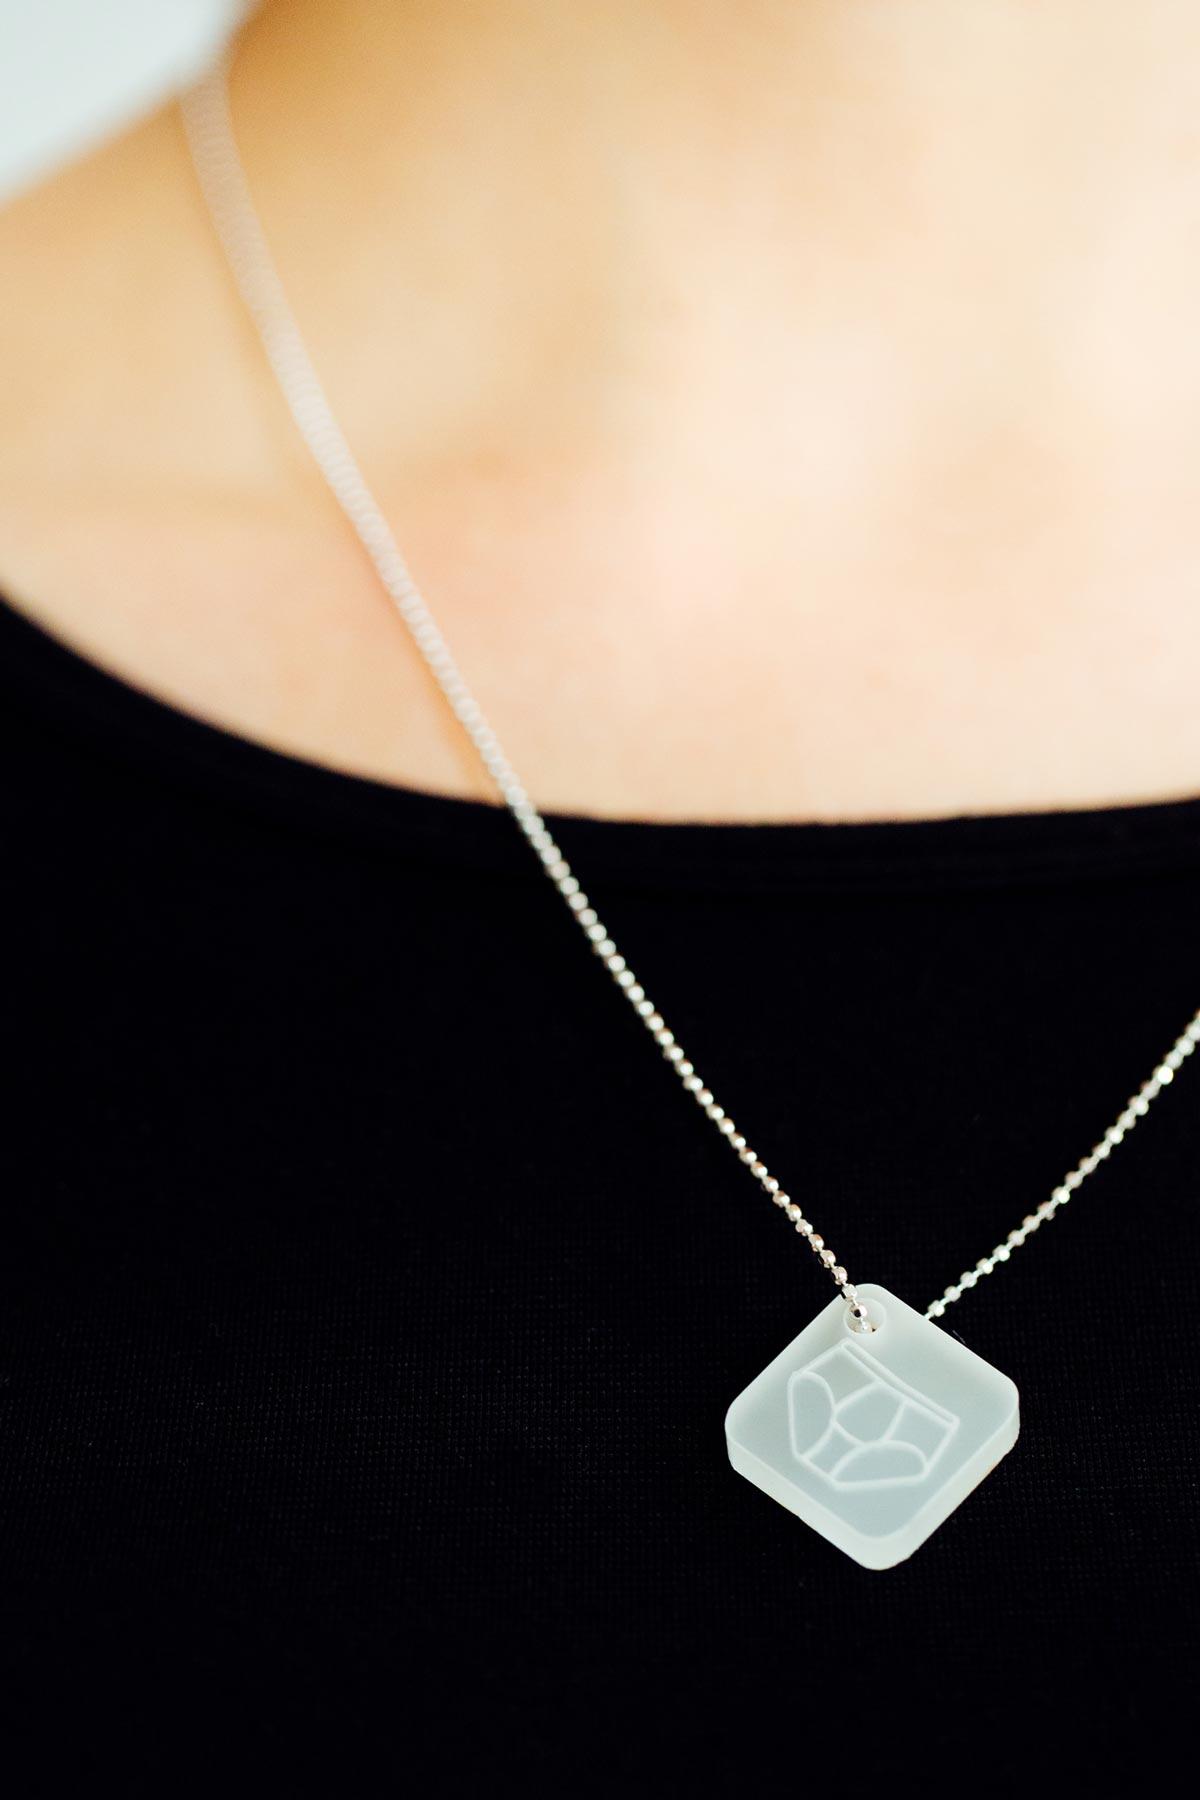 Plexiglas Berlin onnerboegs acrylglas jewelry made in berlin germany onnerboegs